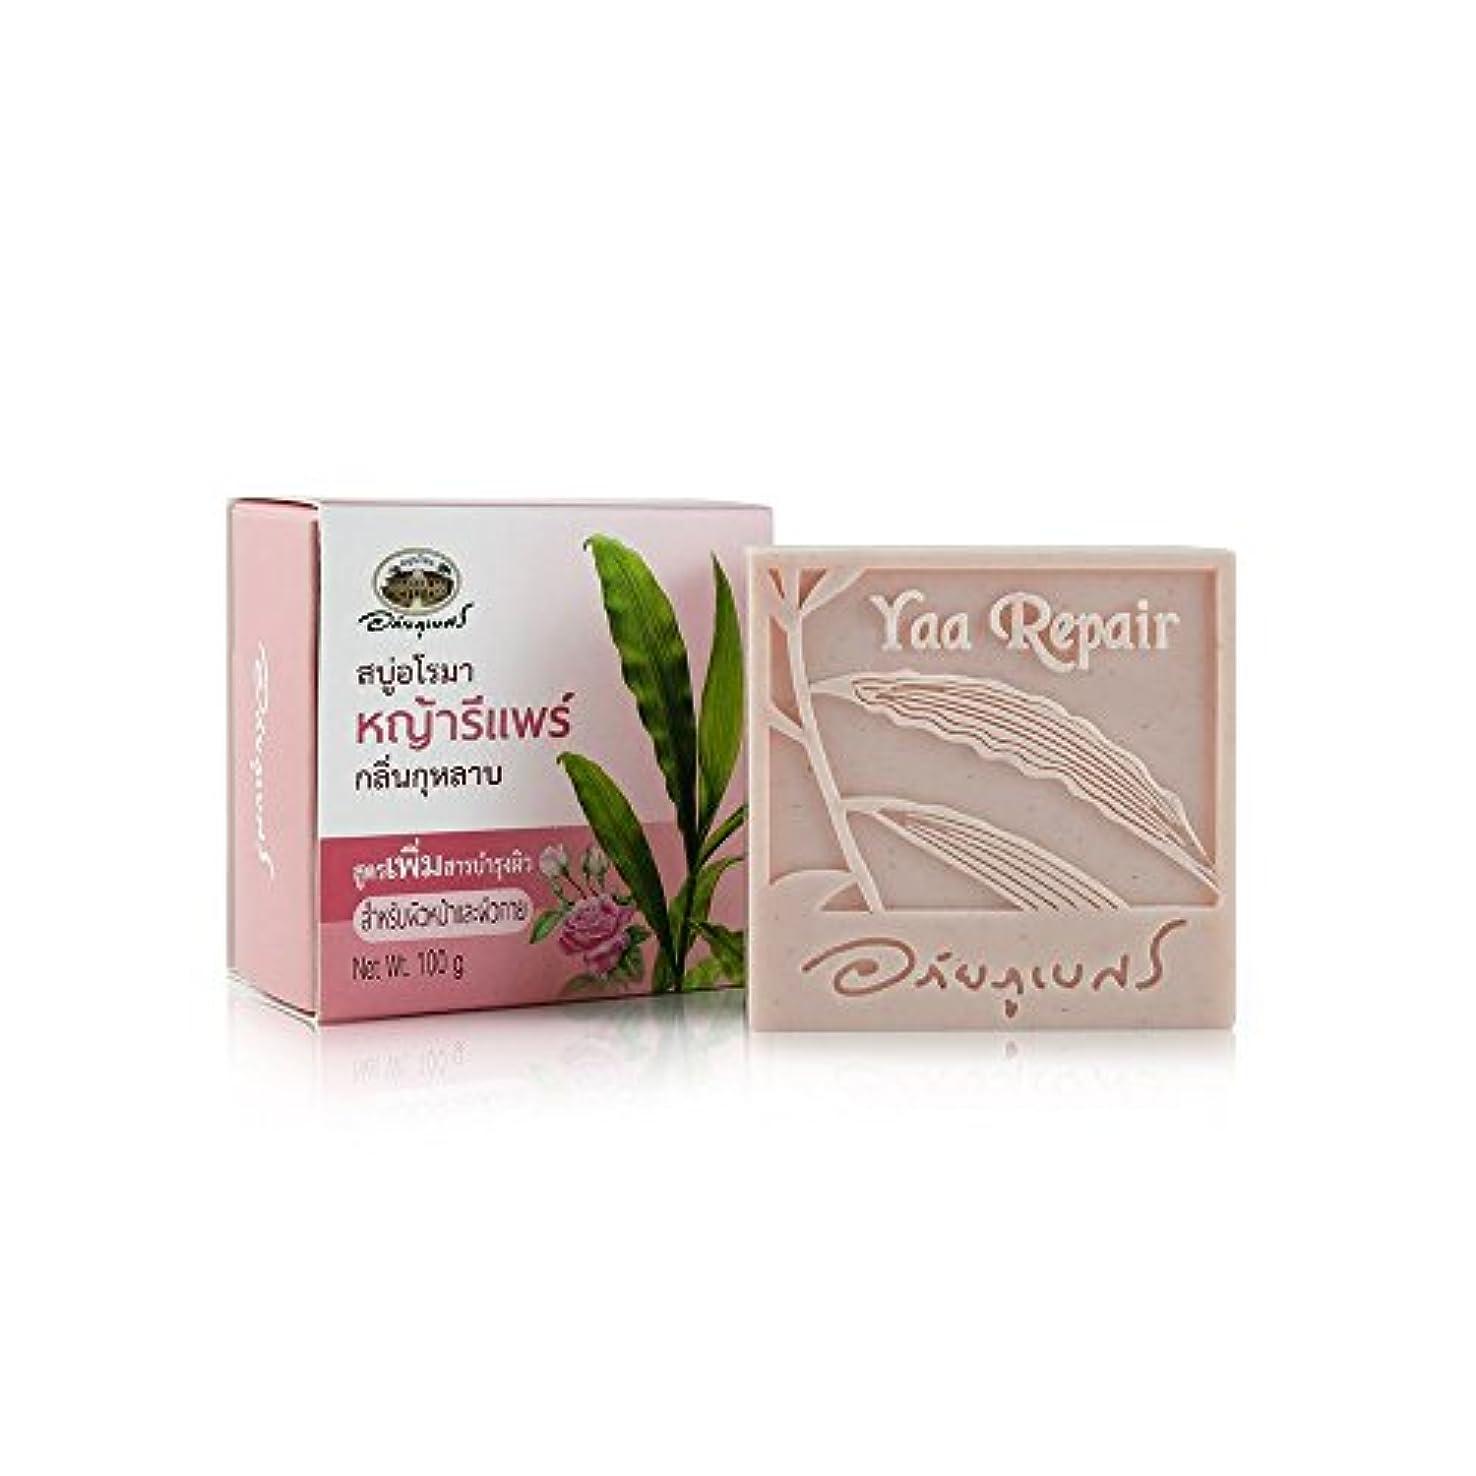 クランシーまっすぐ熱心Abhaibhubejhr Thai Aromatherapy With Rose Skin Care Formula Herbal Body Face Cleaning Soap 100g. Abhaibhubejhrタイのアロマテラピーとローズスキンケアフォーミュラハーブボディフェイス100g。